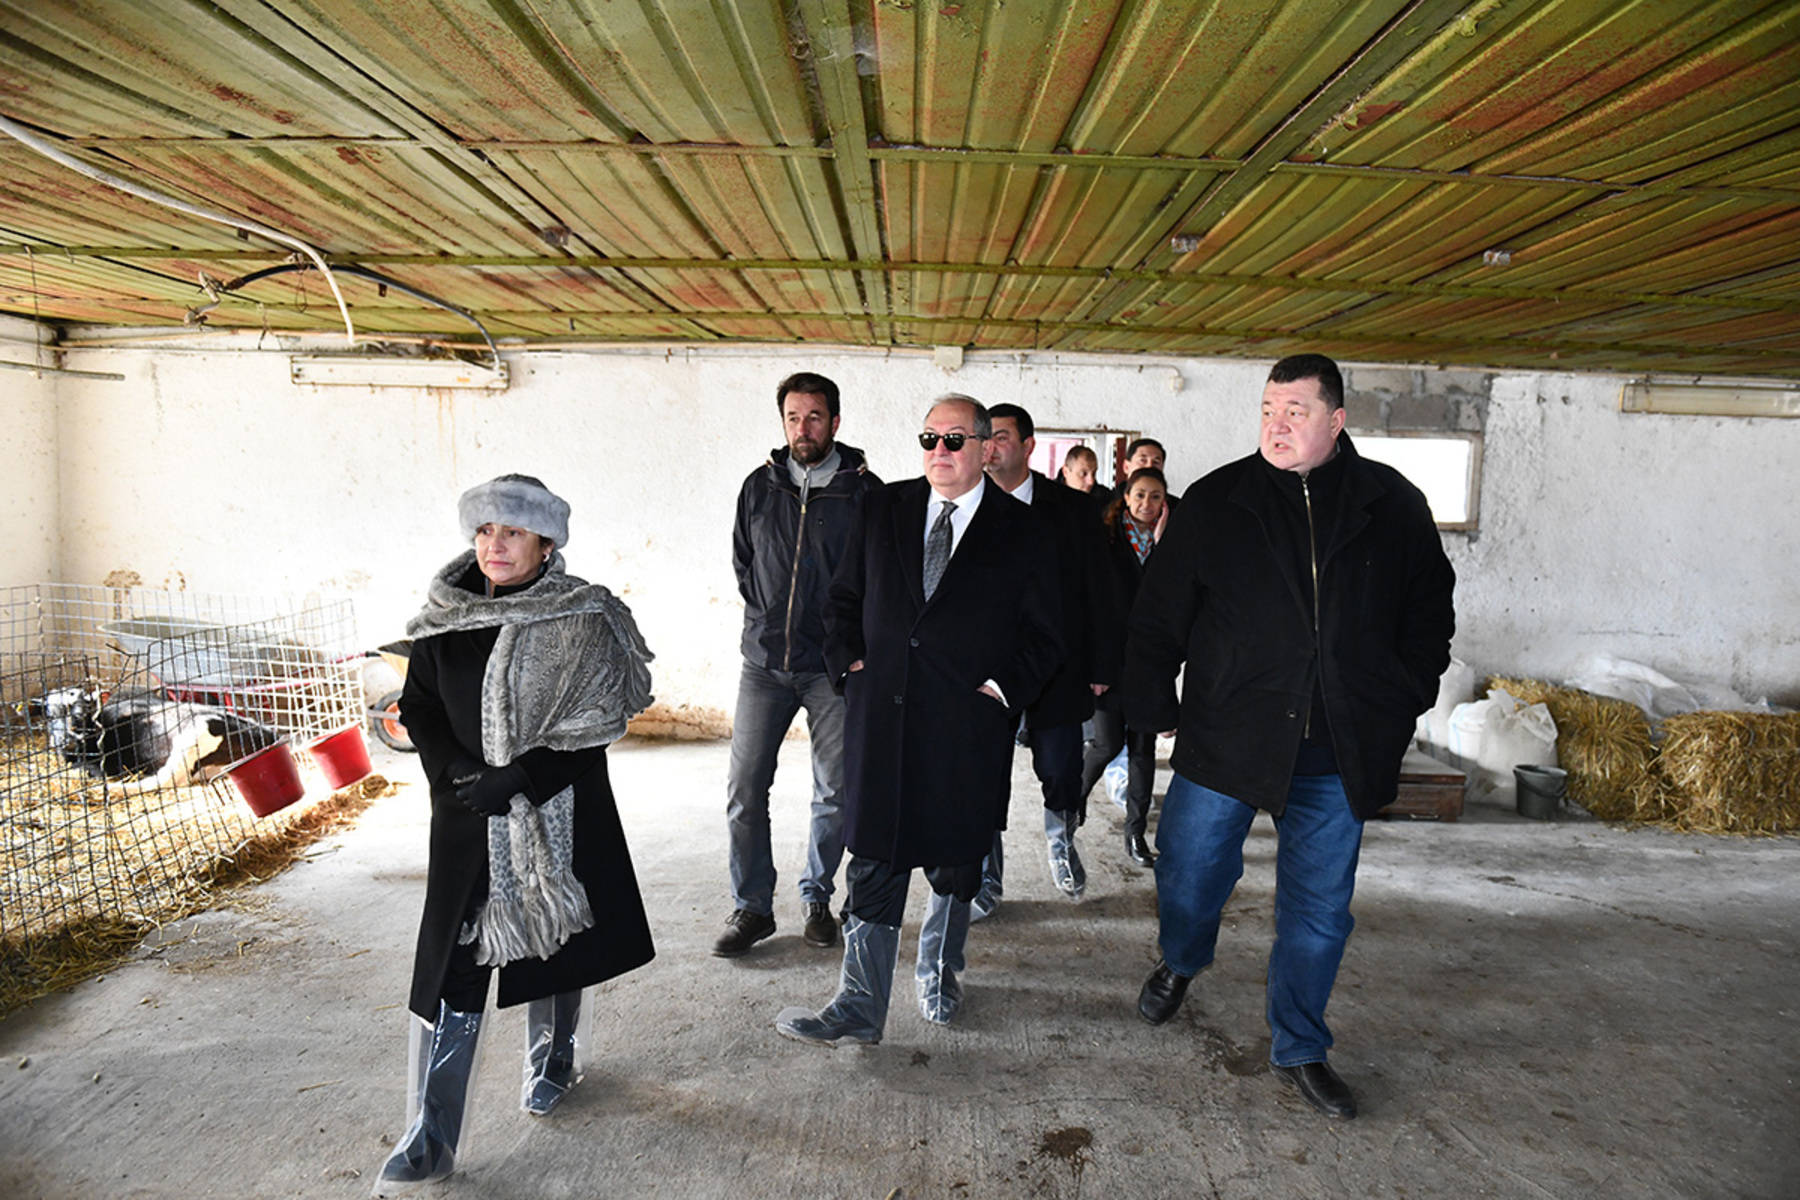 Արմեն Սարգսյանն այցելել է Սպիտակի «Ագրոհոլդինգ Արմենիա» ընկերություն